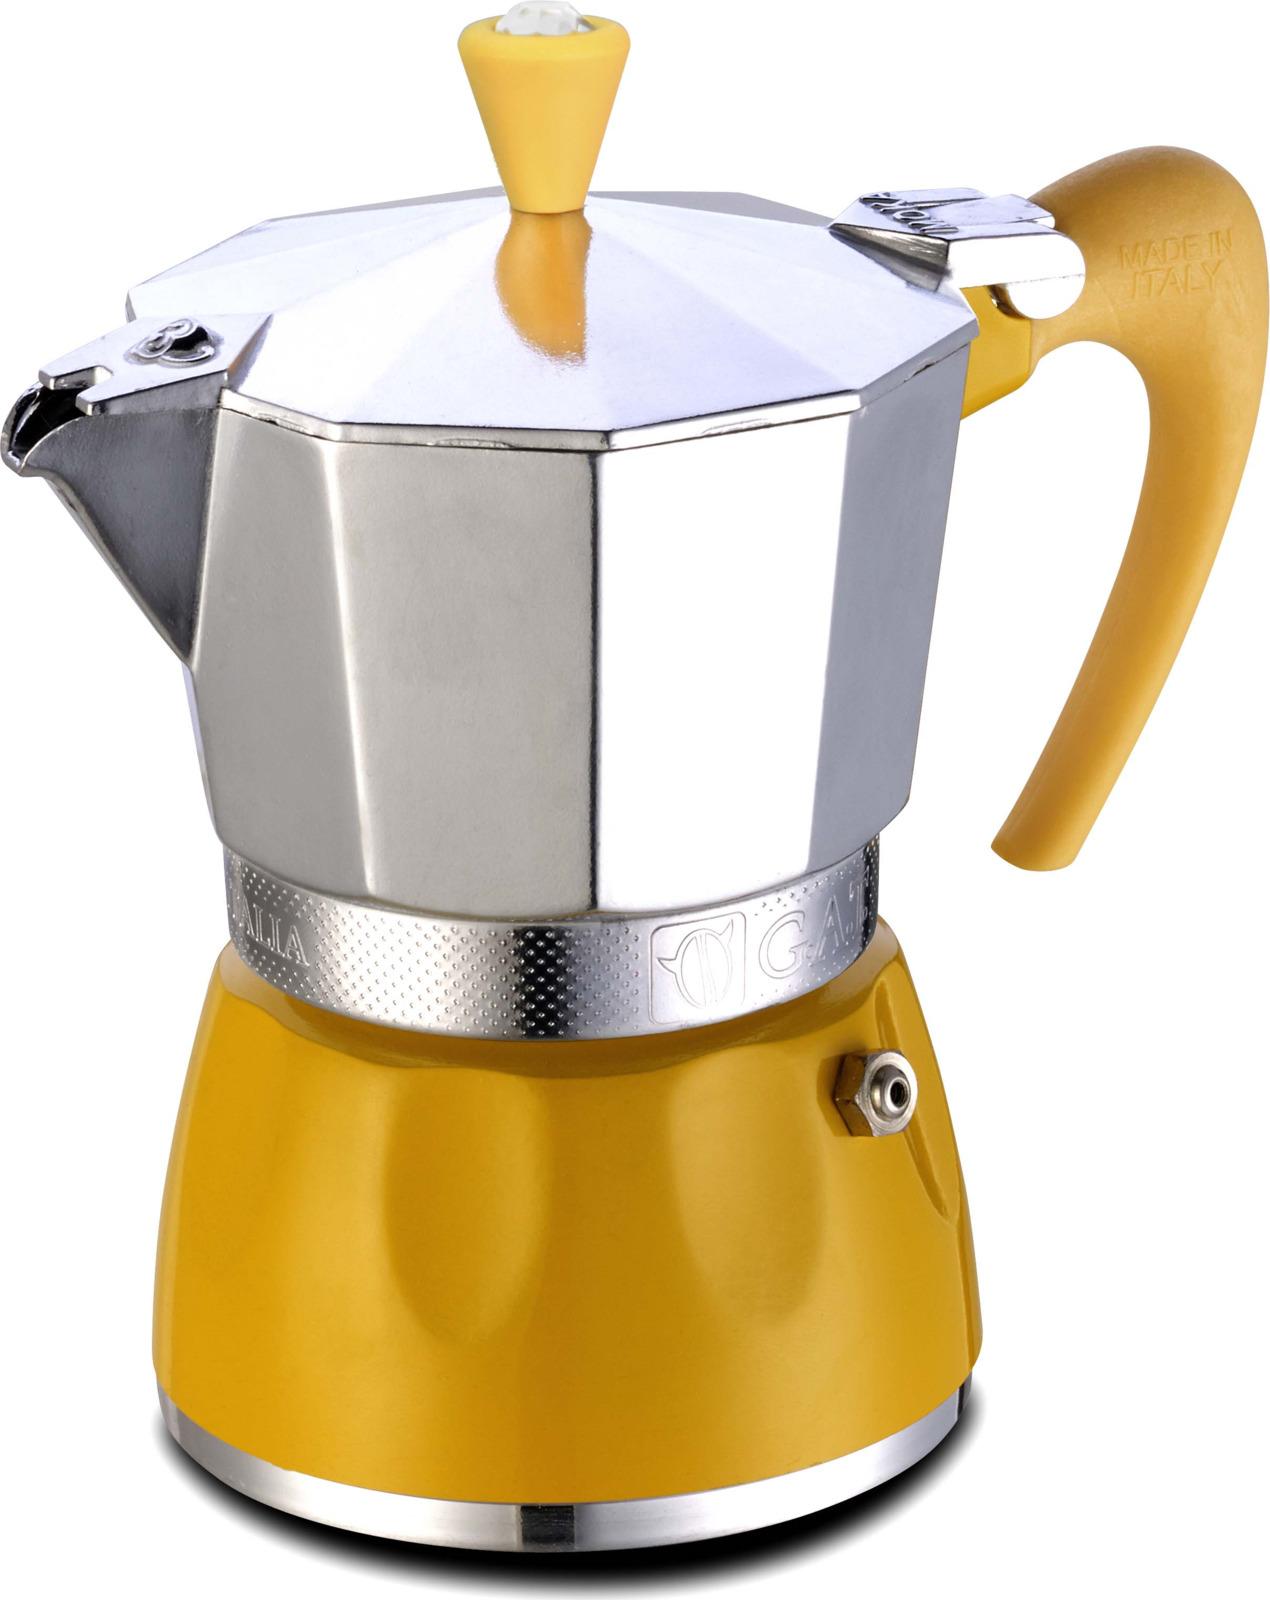 Кофеварка гейзерная G.A.T. 100002 DELIZIA. Гейзерная кофеварка - это отличная возможность побаловать себя чашечкой великолепного ароматного кофе. Кофеварка рассчитана на 2 чашки. За считанные минуты прибор приготовит ваш любимый напиток и моментально наполнит кухню изумительным ароматом. Прочная алюминиевая основа придает кофеварке легкость и надежность, а стильный дизайн добавит кухонному интерьеру элегантности и особого шарма. Основные отличительные особенности кофеварок Delizia: удобный носик для наливания кофе, стильный ремень, соединяющий верхнюю и нижнюю части кофеварки, специальное внутреннее покрытие, обеспечивающее легкую очистку и обслуживание, ручка из термостойкого пластика.